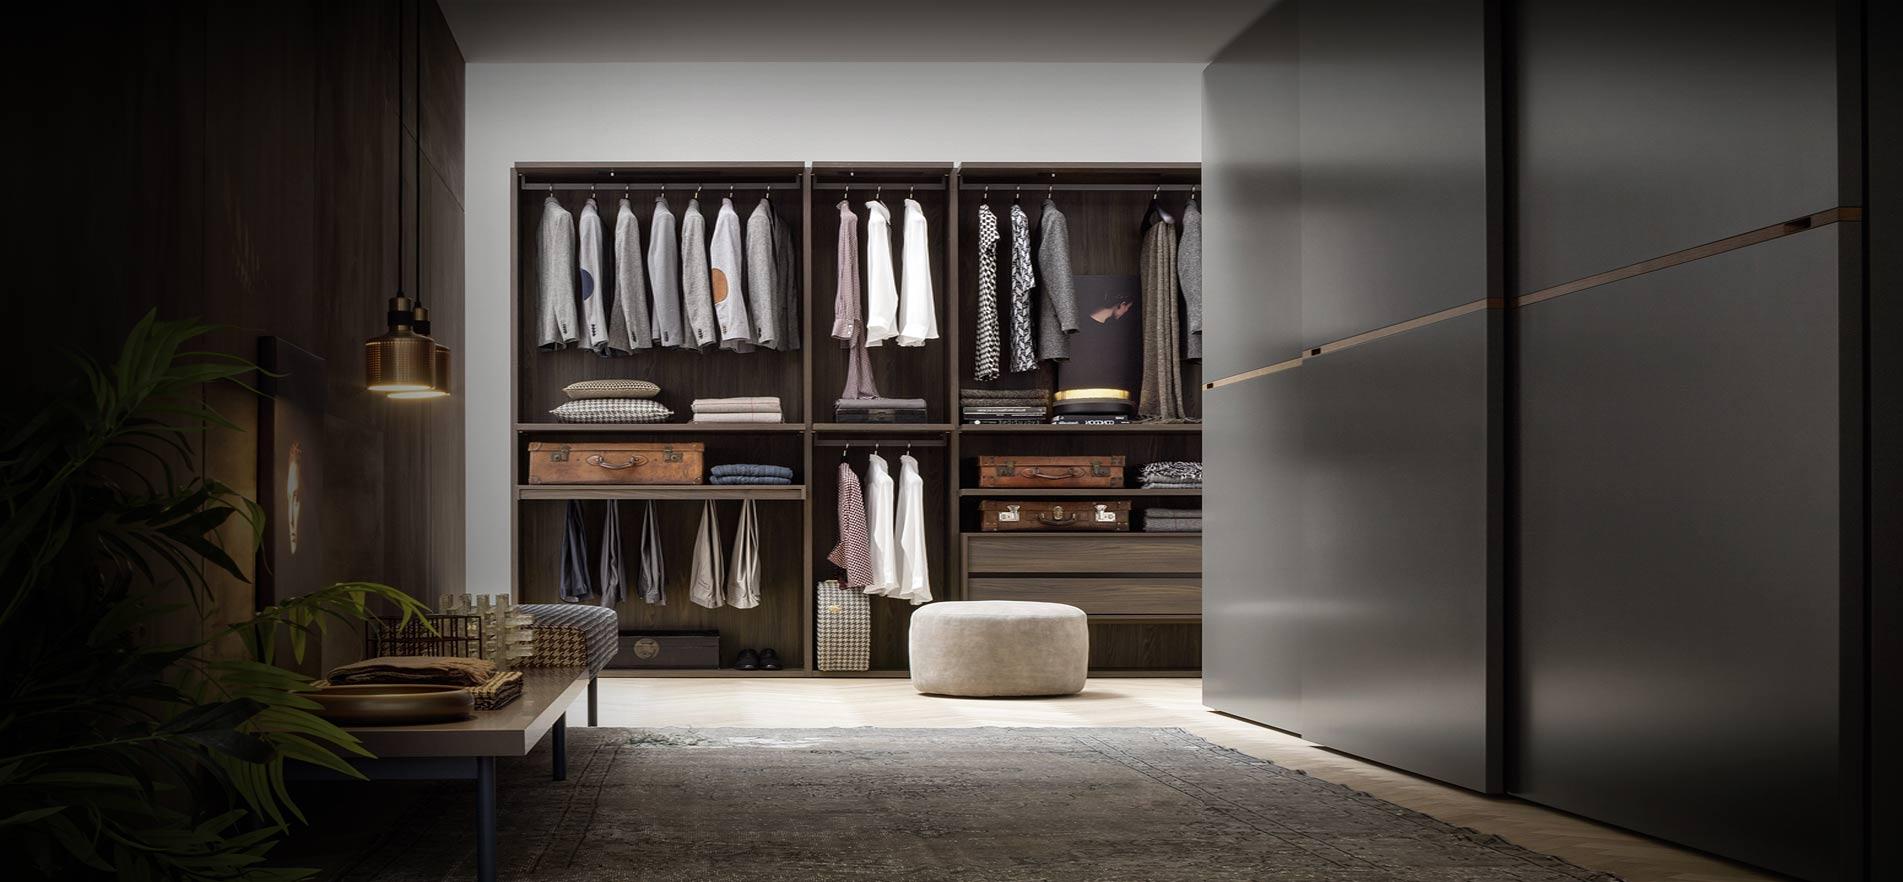 Design Kleiderschranke Von 200 Bis 400 Cm Breite